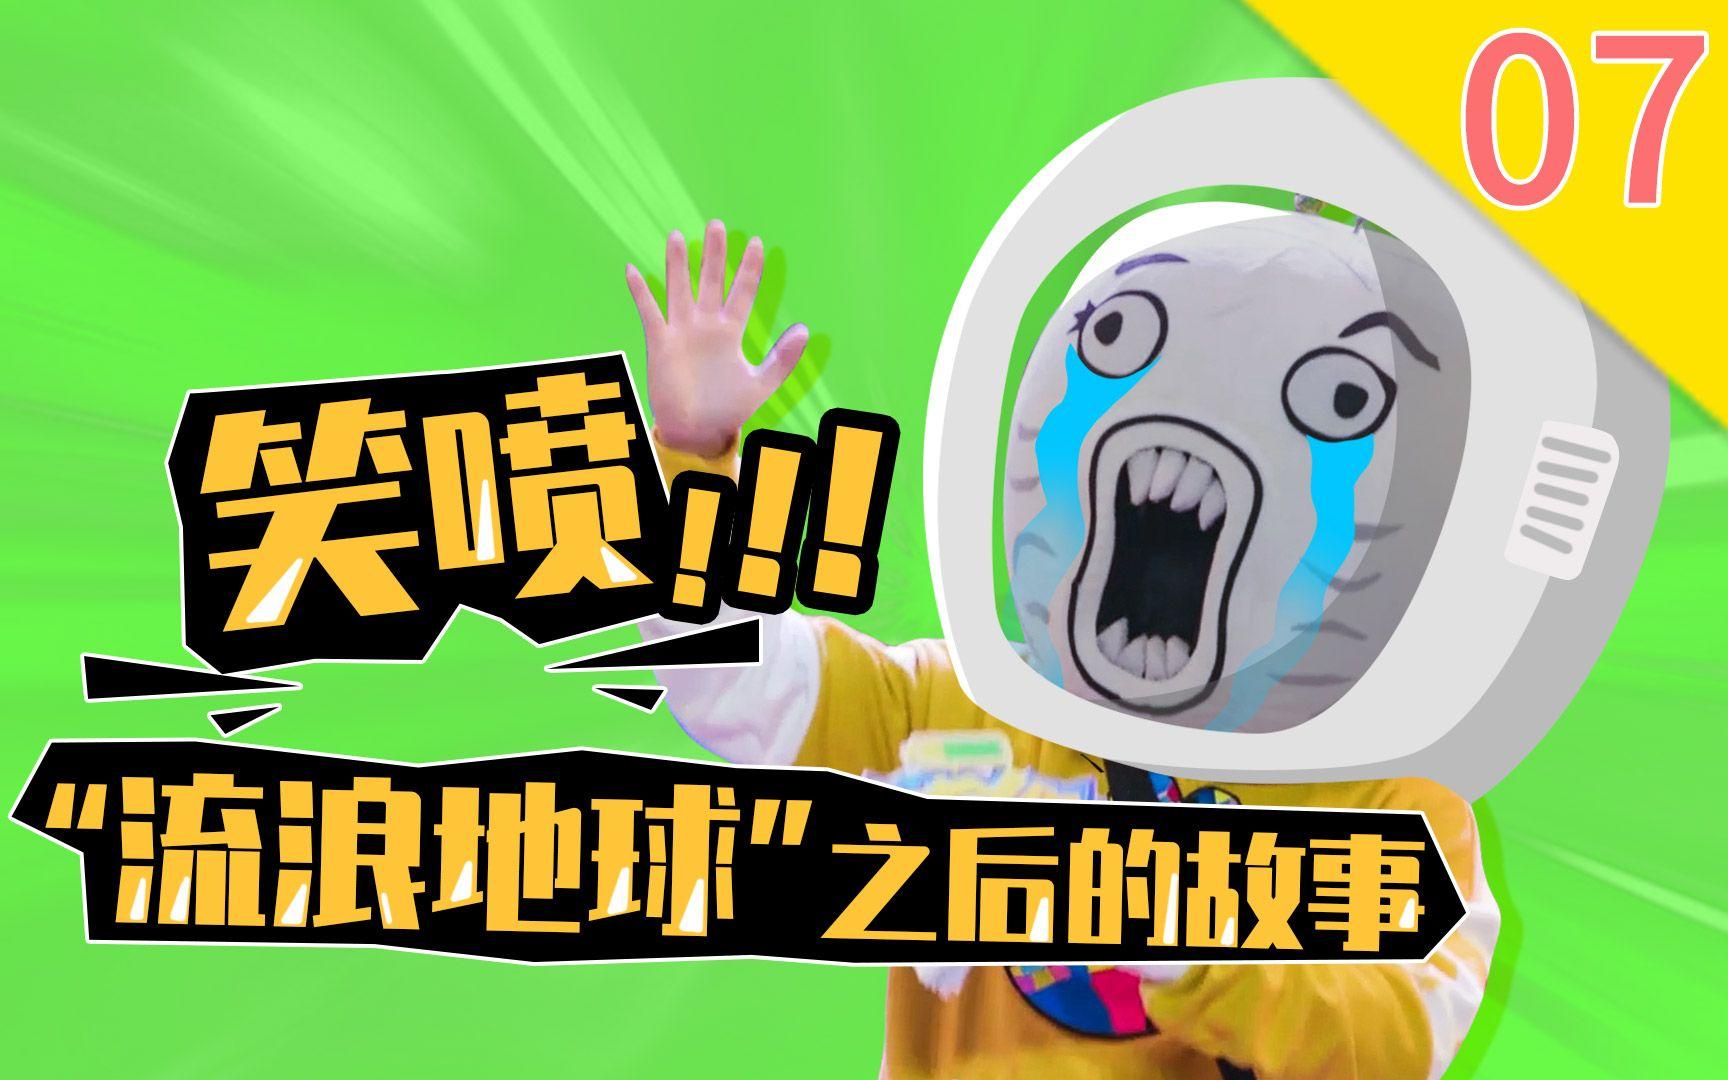 暴走·大事件·第六季·07 笑喷饭时勿看,流浪地球之后可能会发生故事……